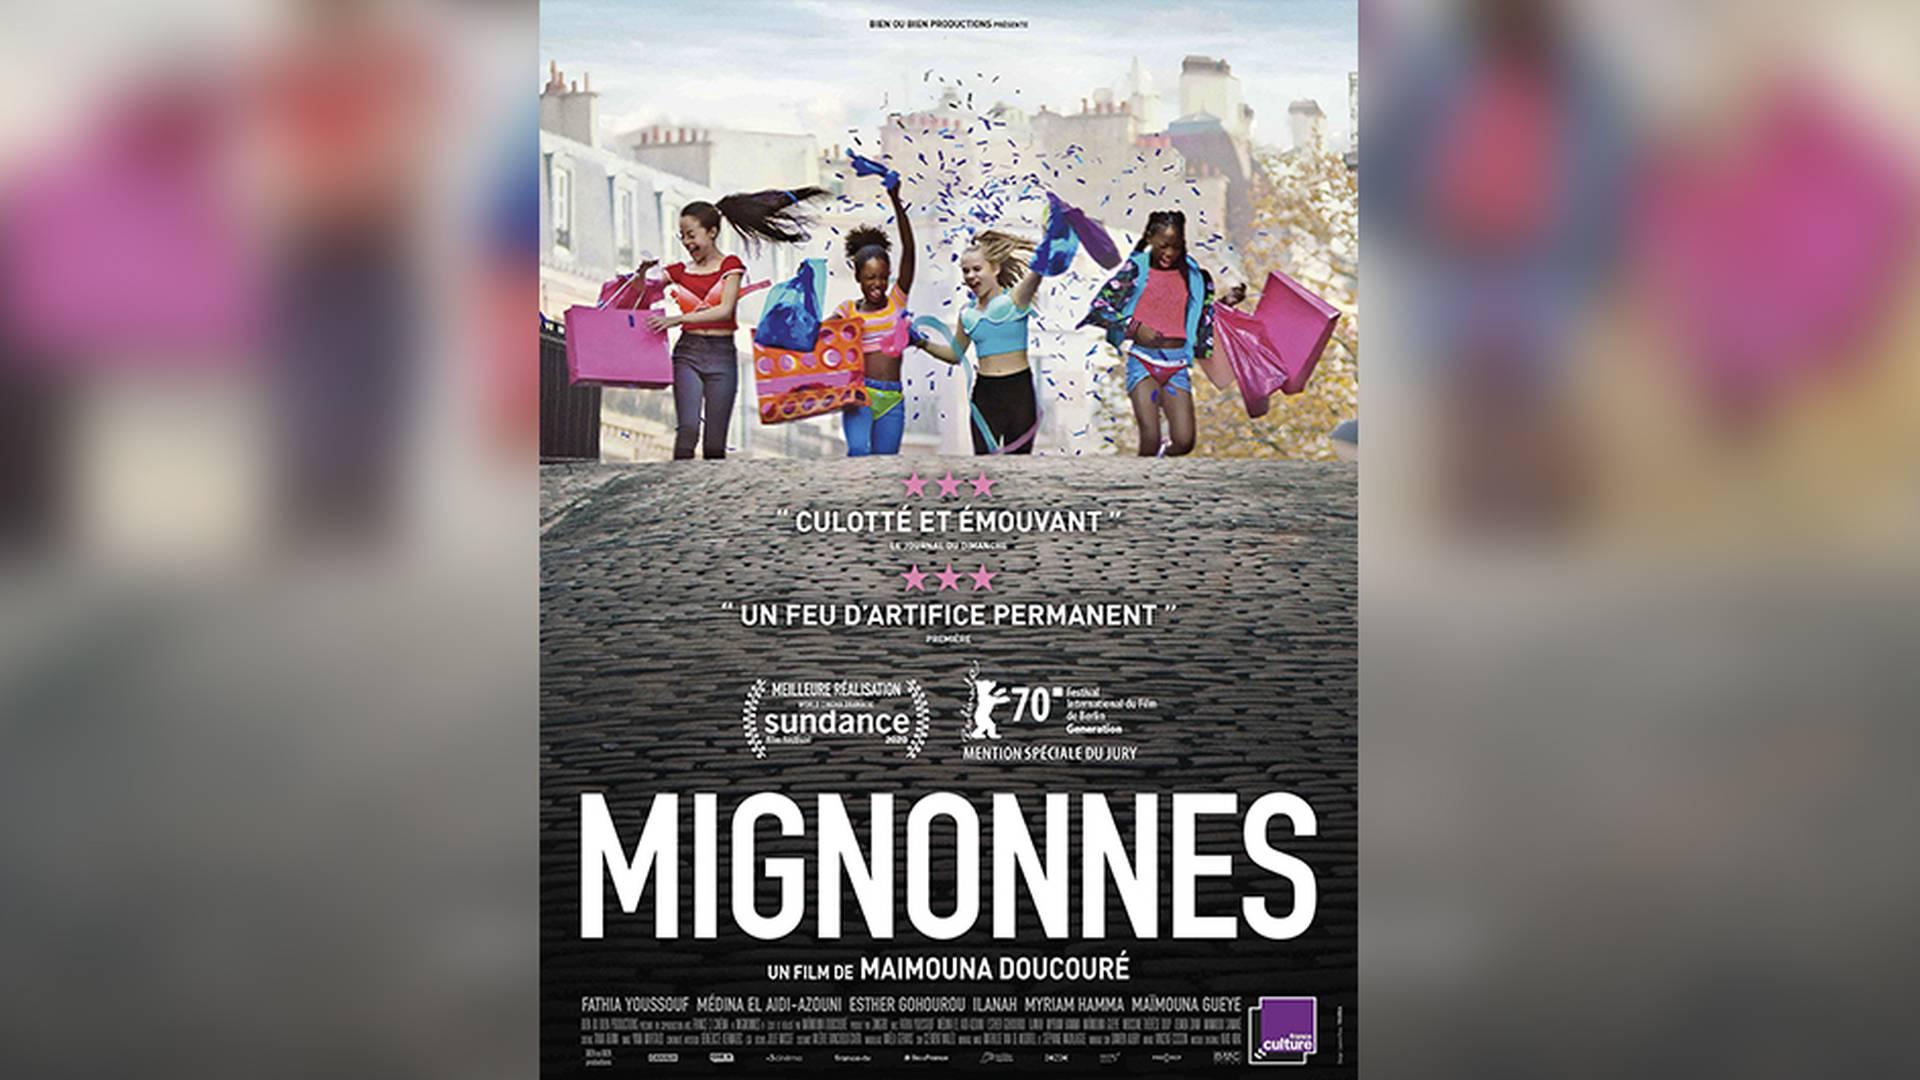 Guapis (Mignonnes) ha desatado una enorme polémica y le ha costado suscriptores al servicio de streaming. El tema es relevante.